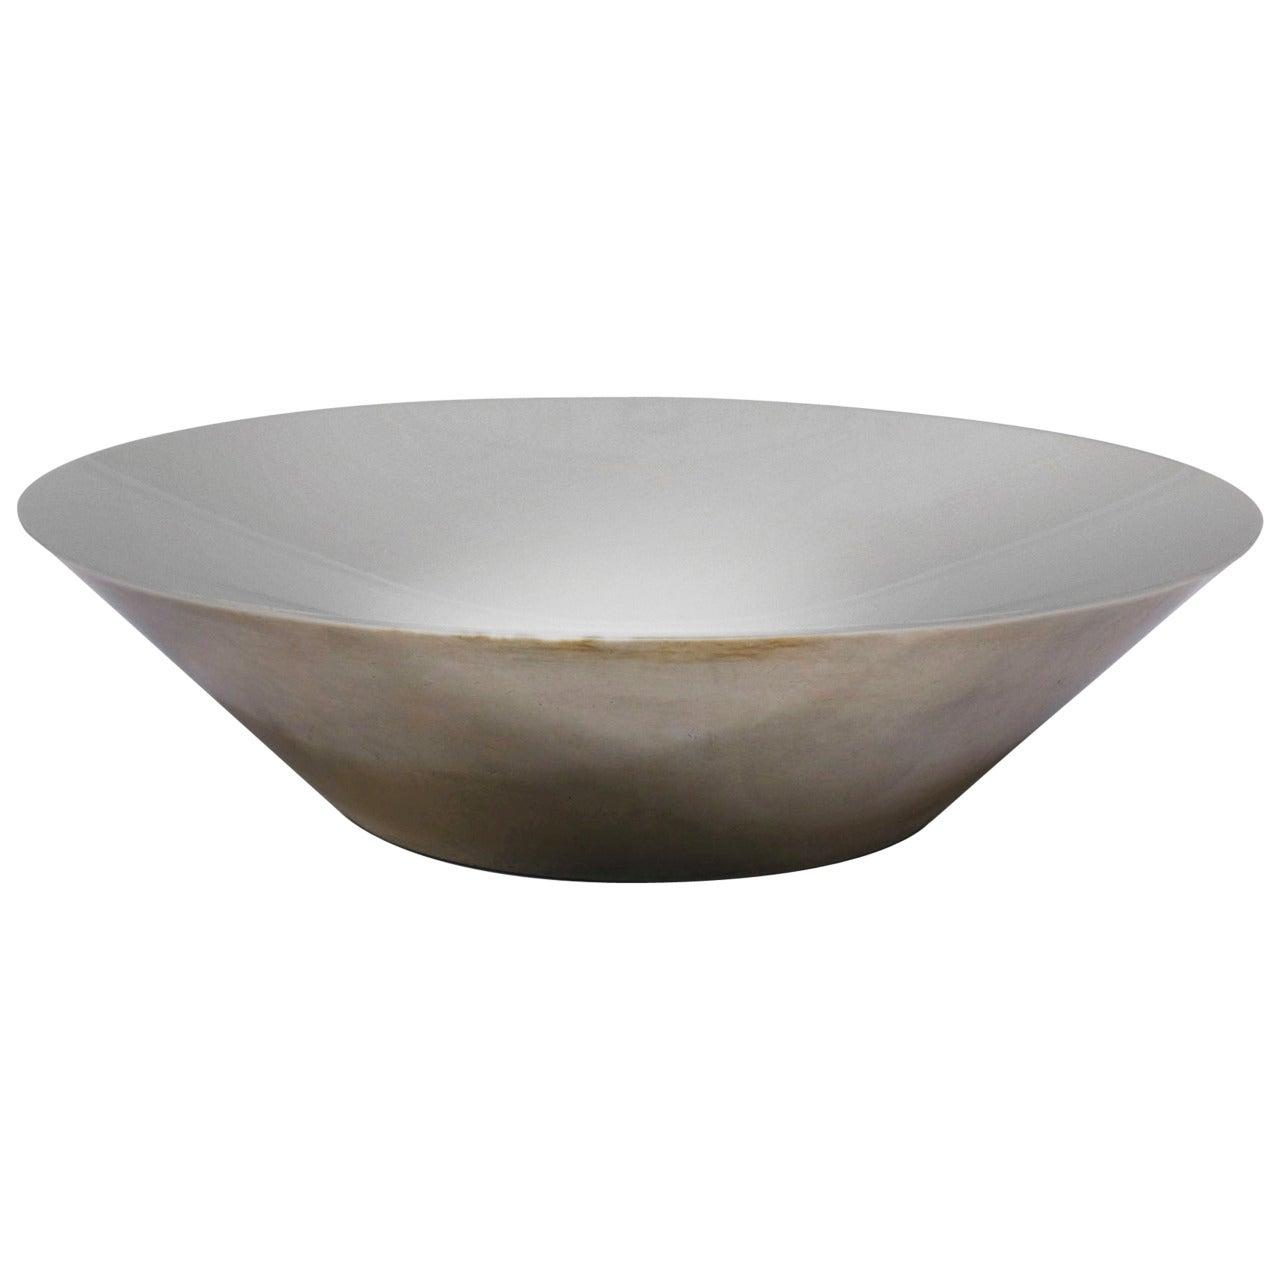 Mid-Century Modern Danish Sterling Bowl by Christoffersen